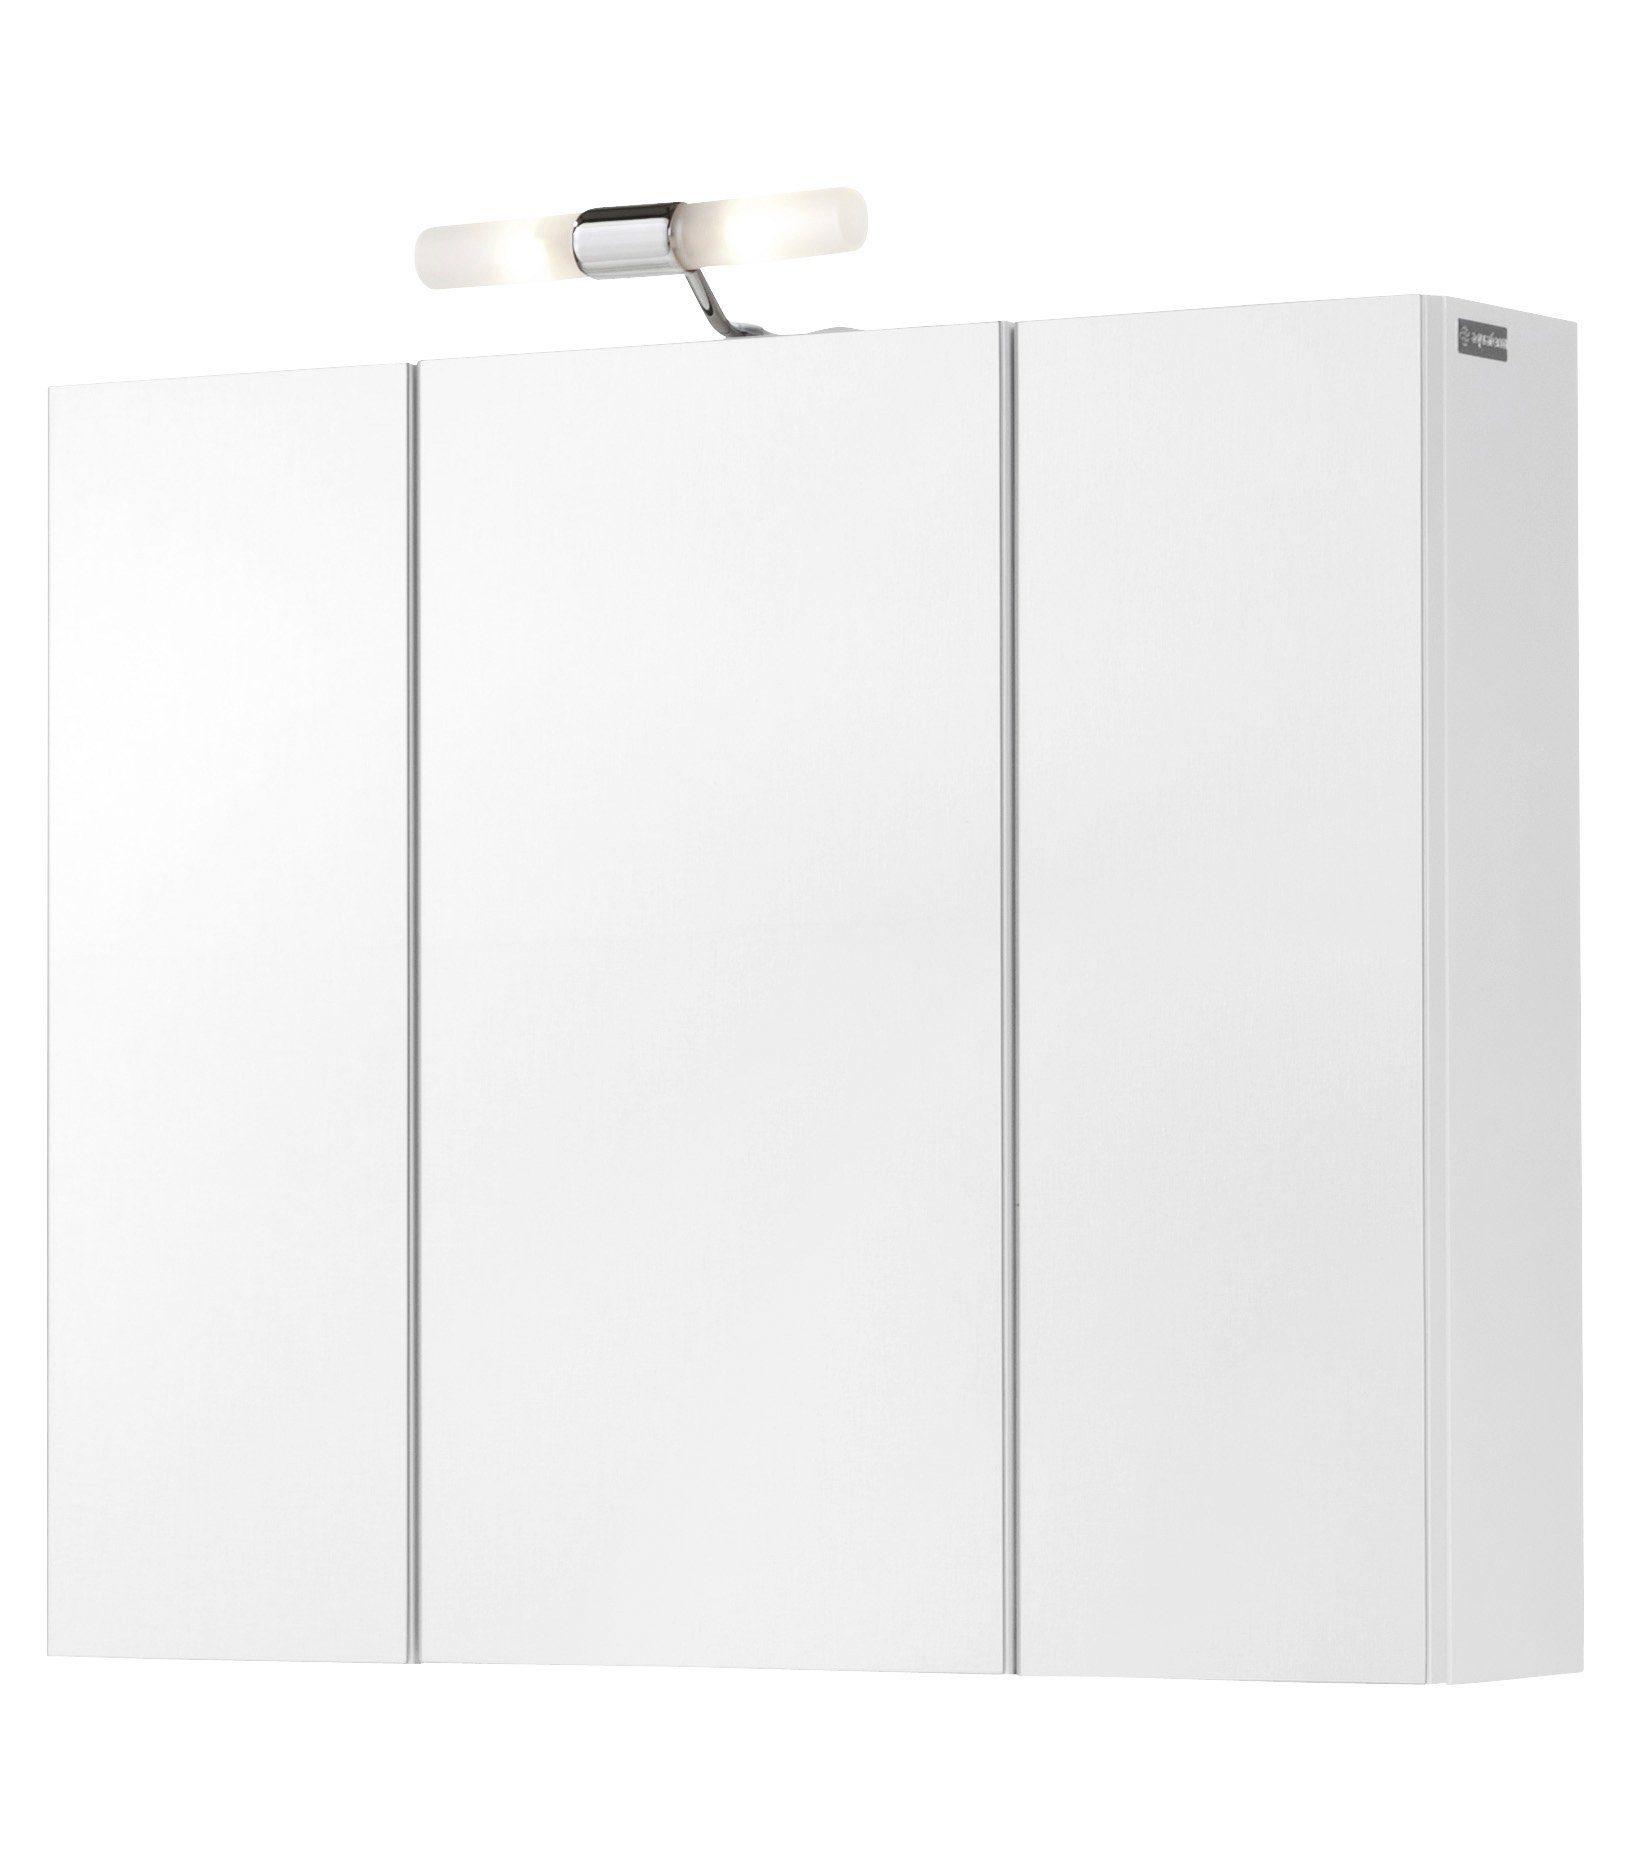 Aquaform Spiegelschrank »Posen« Breite 72 cm, mit Beleuchtung